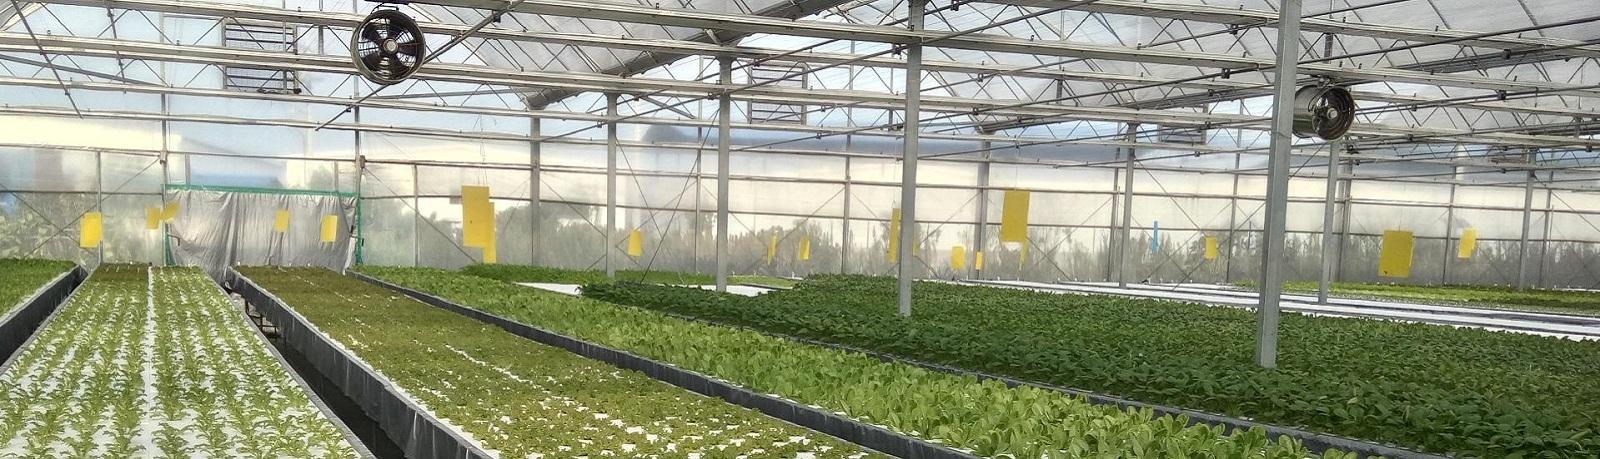 蔬菜大棚建设 蔬菜大棚升级水培种植 温室工程 水肥一体化工程 全套温室大棚配件批发